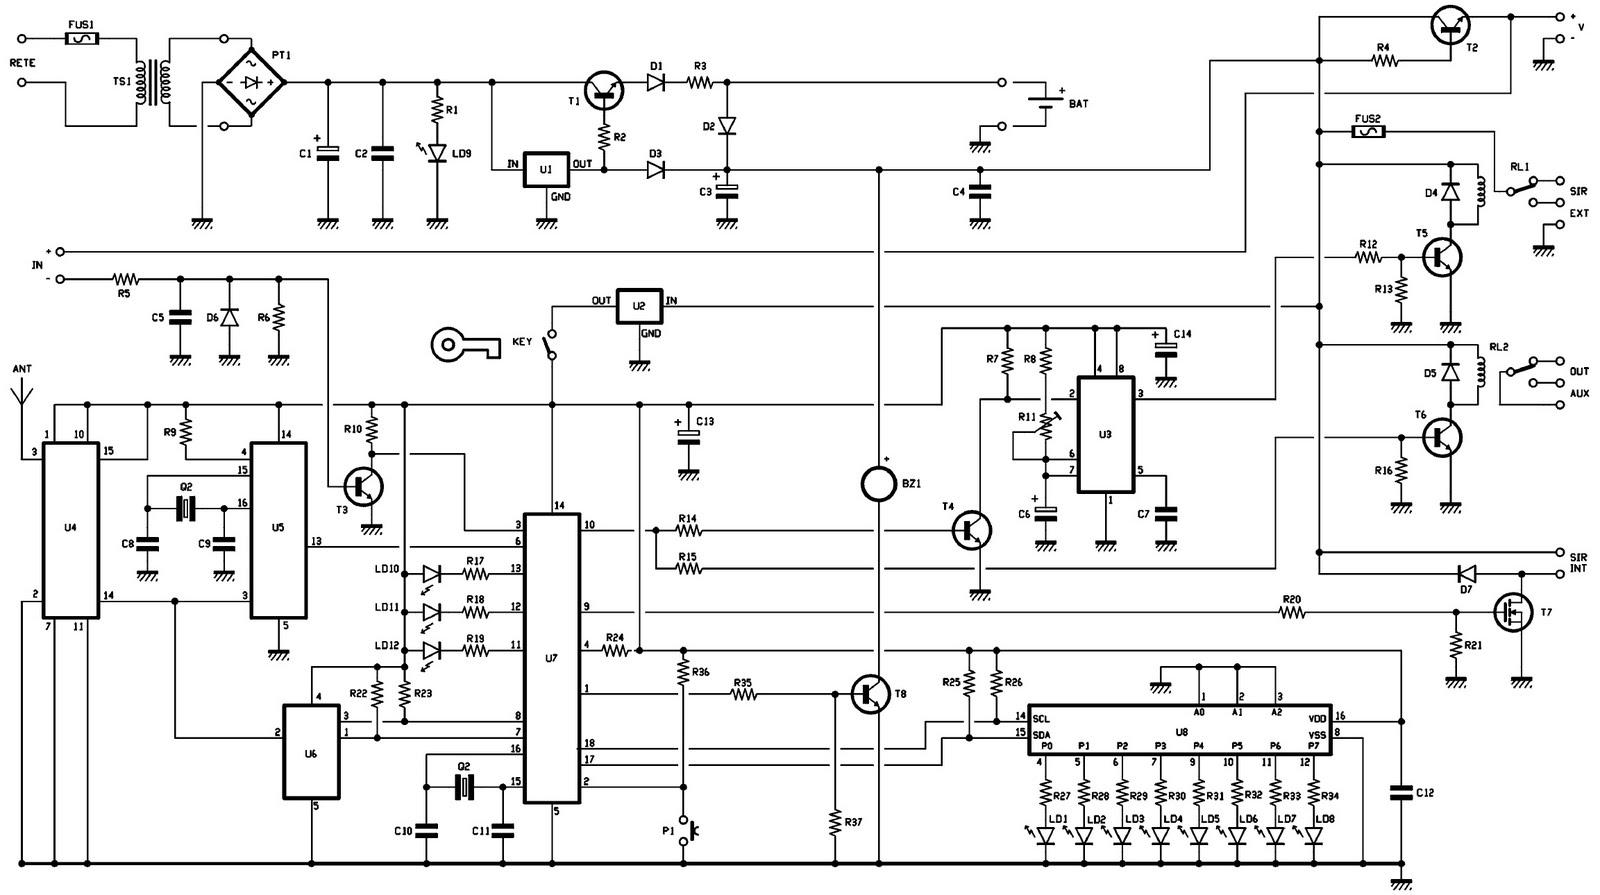 une centrale d 39 alarme 2 zones rolling code 1 re partie schema electronique net. Black Bedroom Furniture Sets. Home Design Ideas